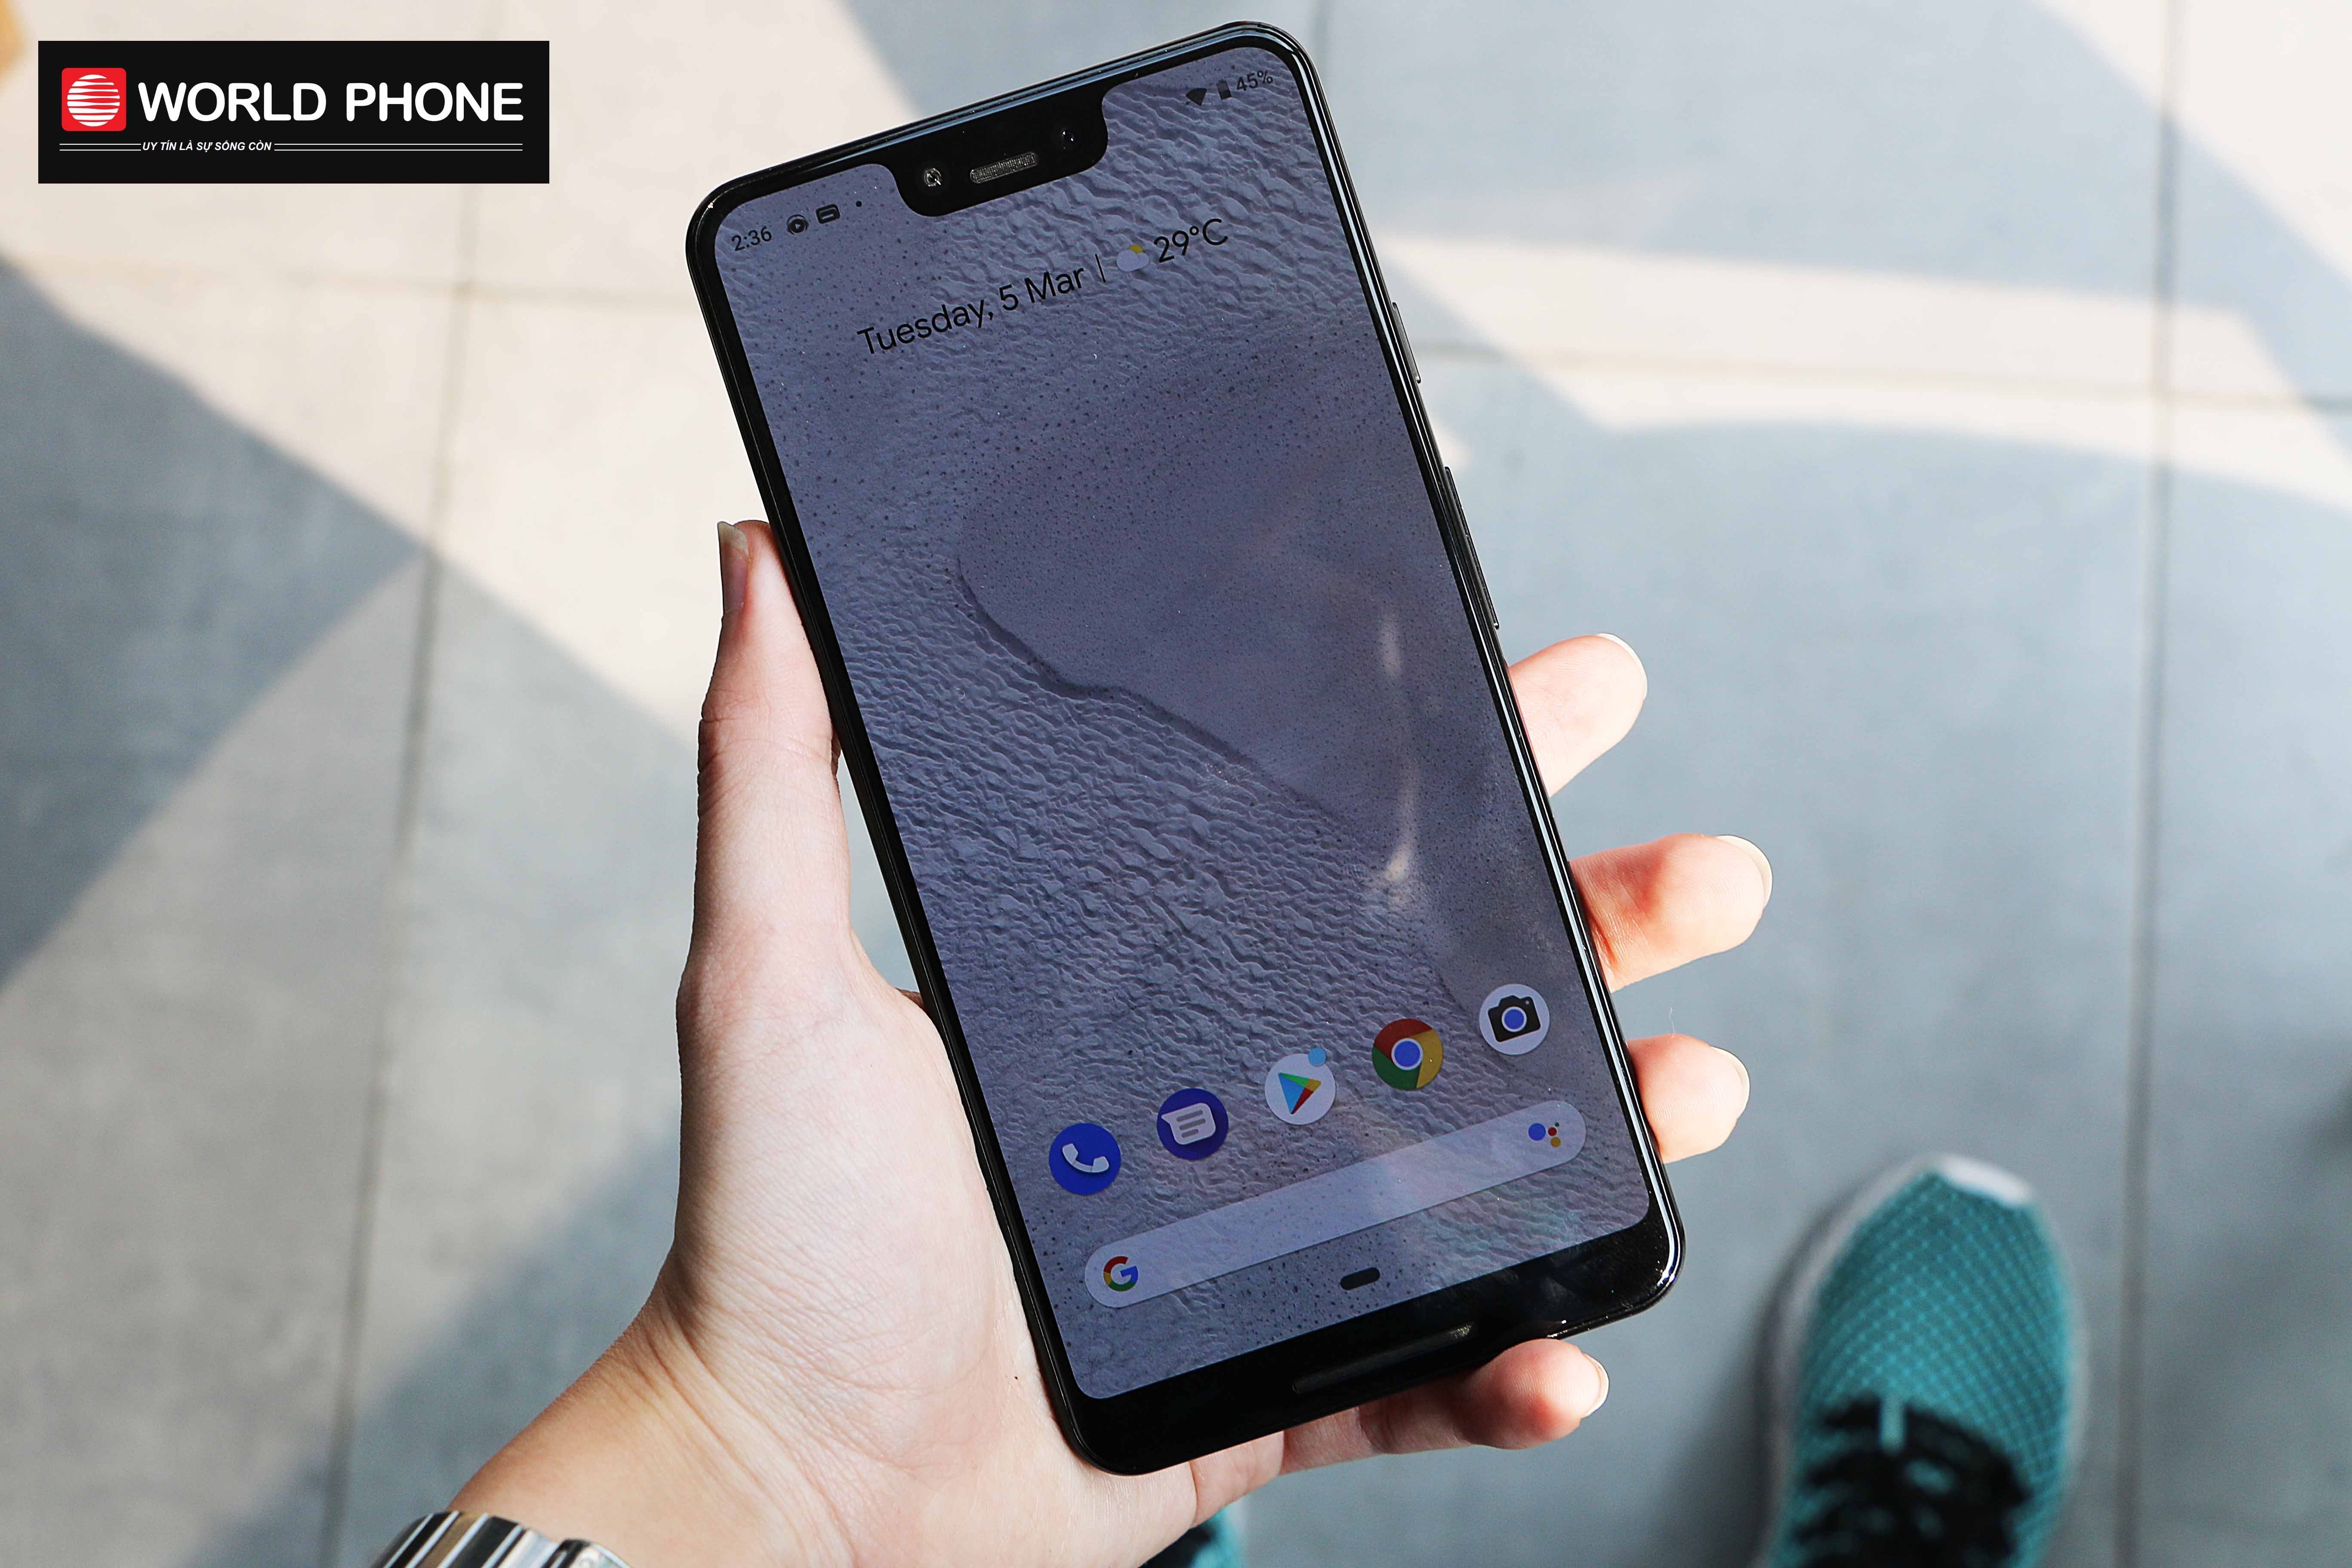 Các tín đồ công nghệ không khỏi xuýt xoa khi cầm trên tay chiếc điện thoại Google Pixel 3 XL có thiết kế ấn tượng với 2 mặt kính cao cấp.